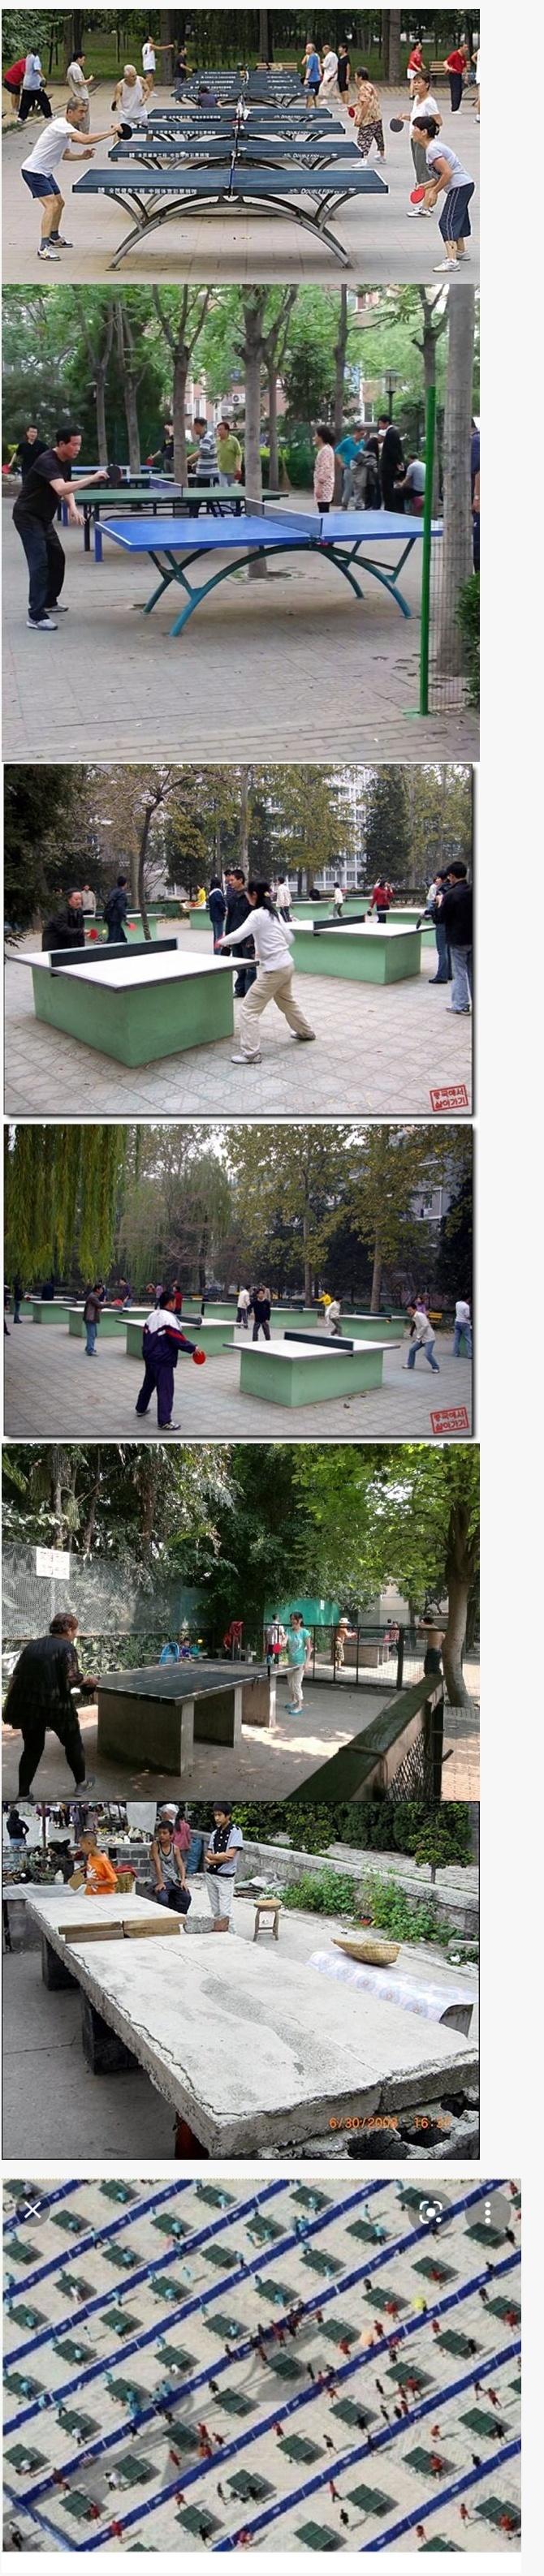 중국이 탁구를 잘하는 이유